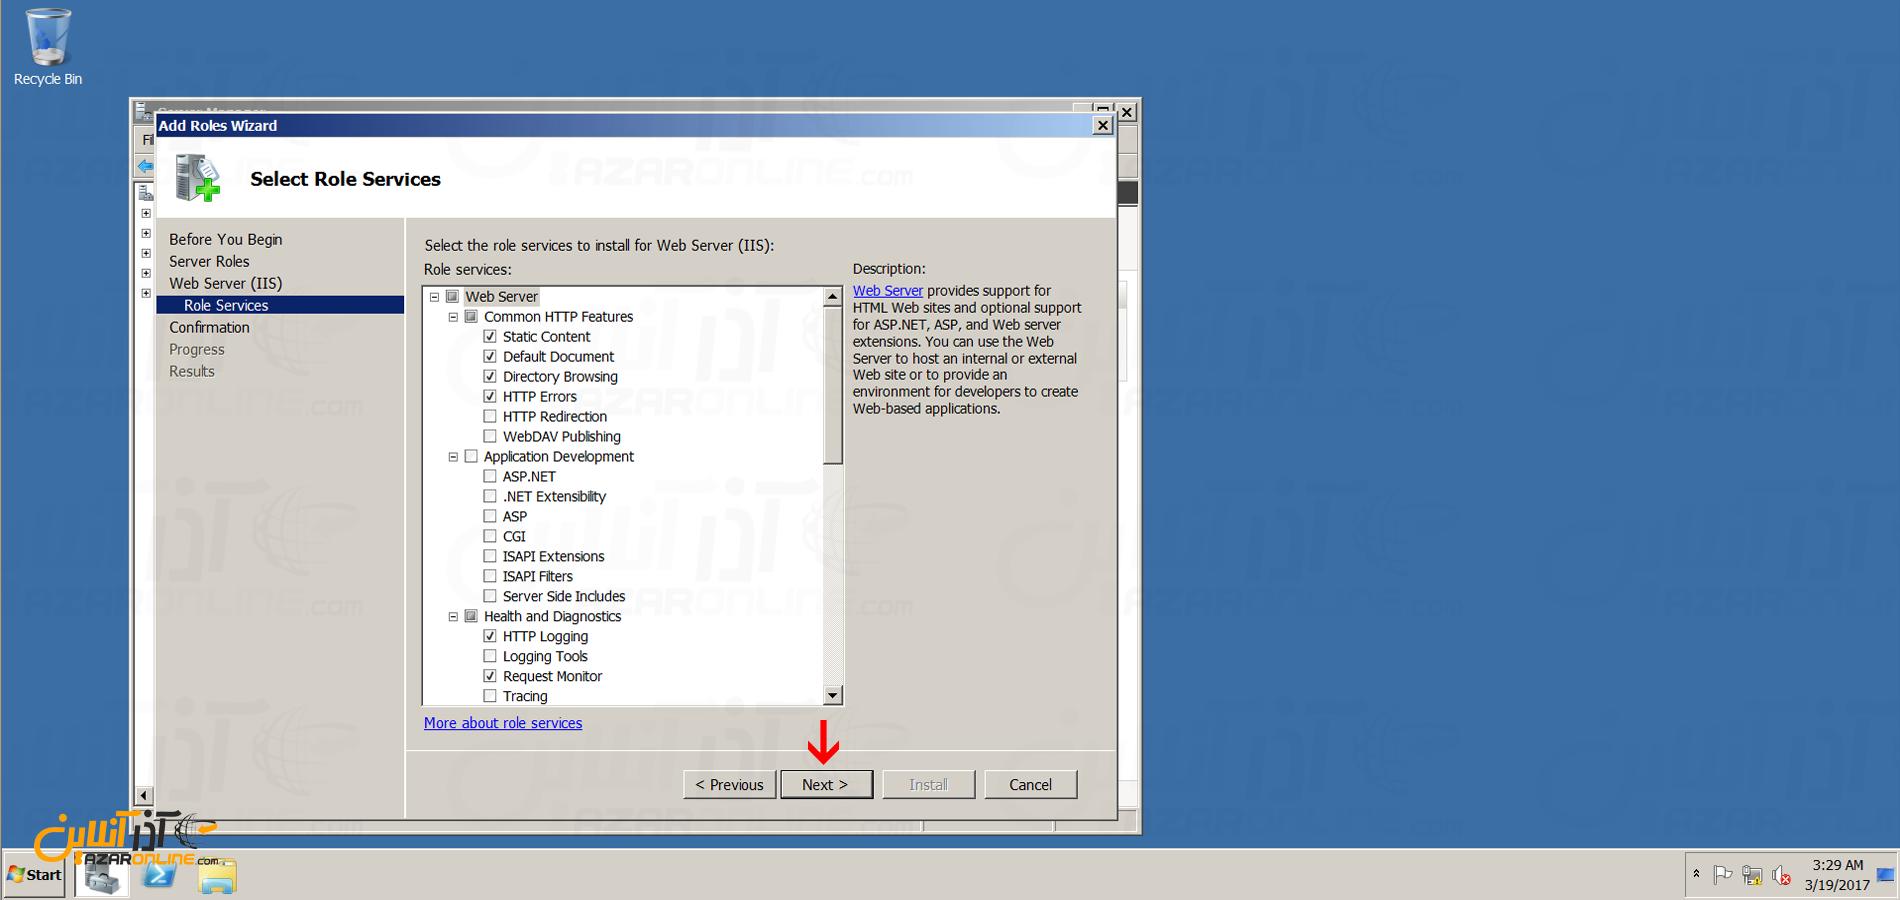 آموزش نصب iis در ویندوز 2008 - انتخاب سایر قابلیت های IIS